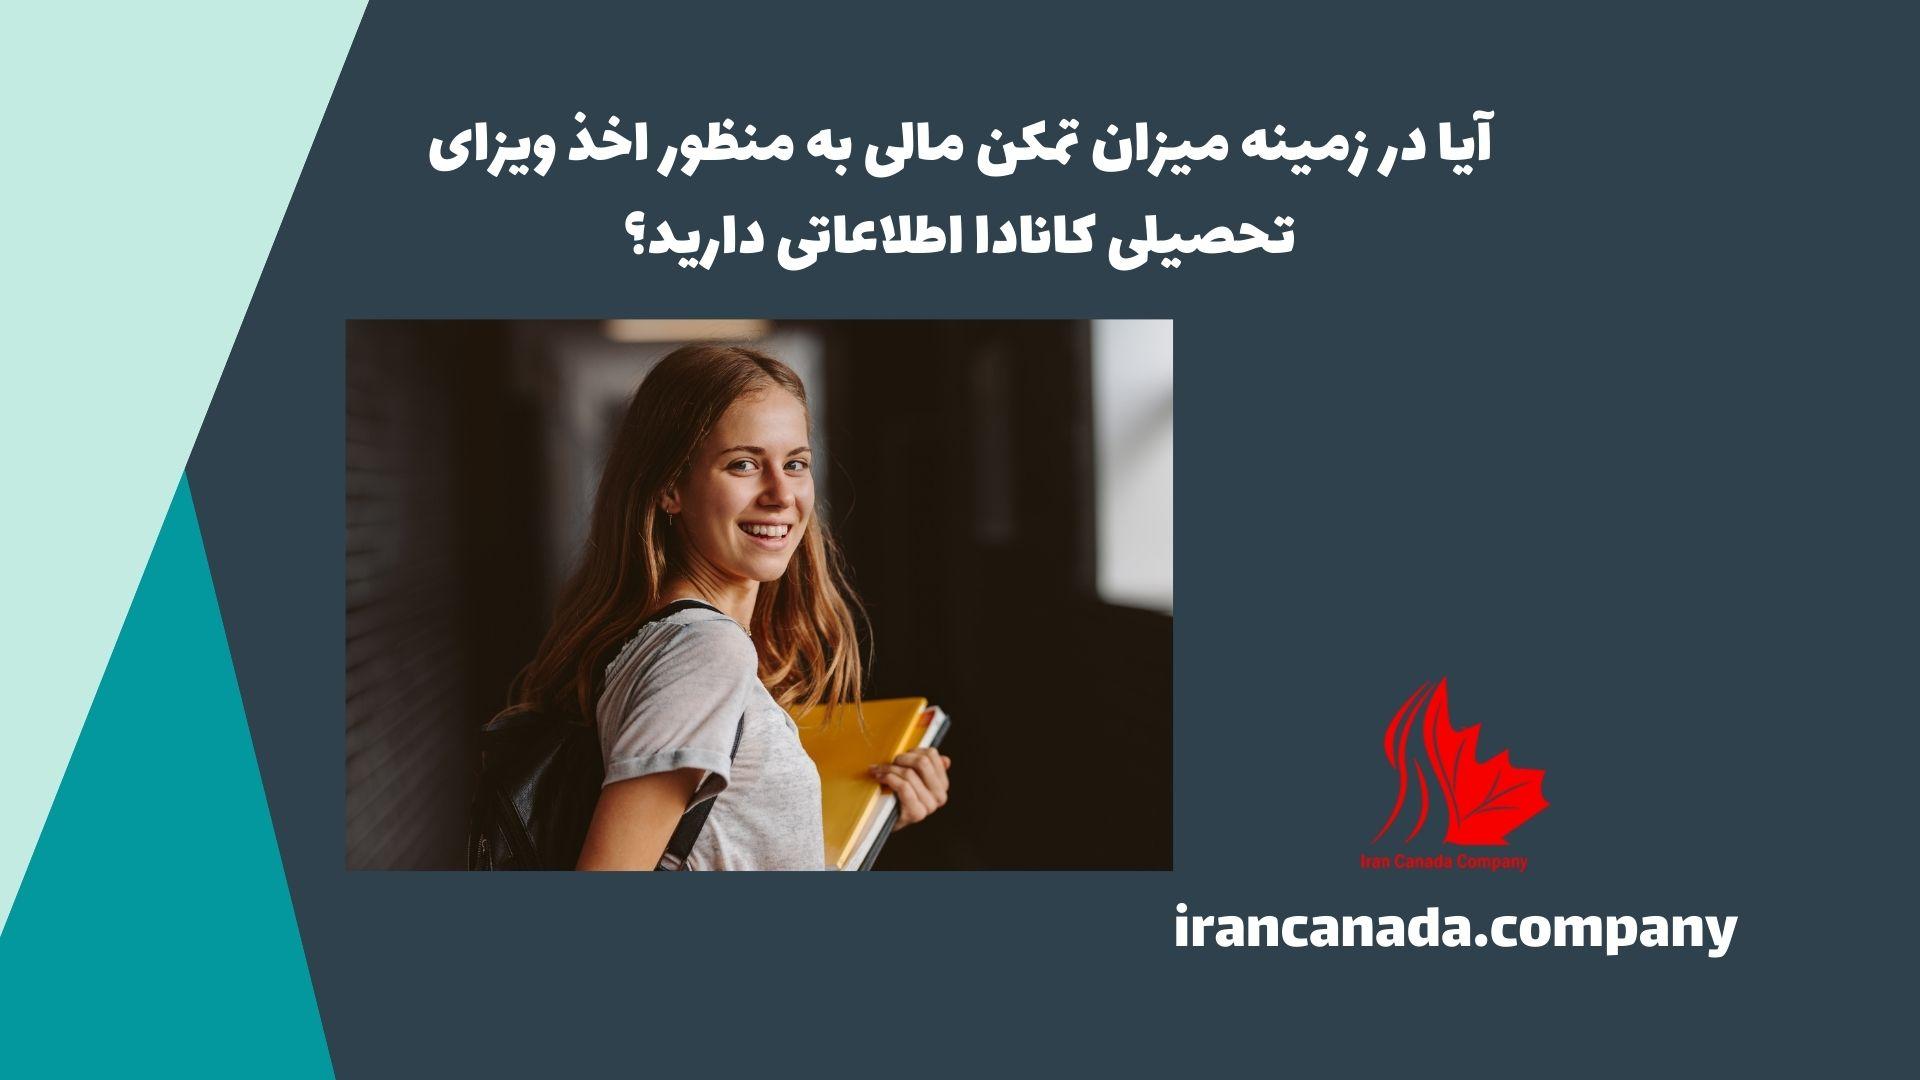 آیا در زمینه میزان تمکن مالی به منظور اخذ ویزای تحصیلی کانادا اطلاعاتی دارید؟